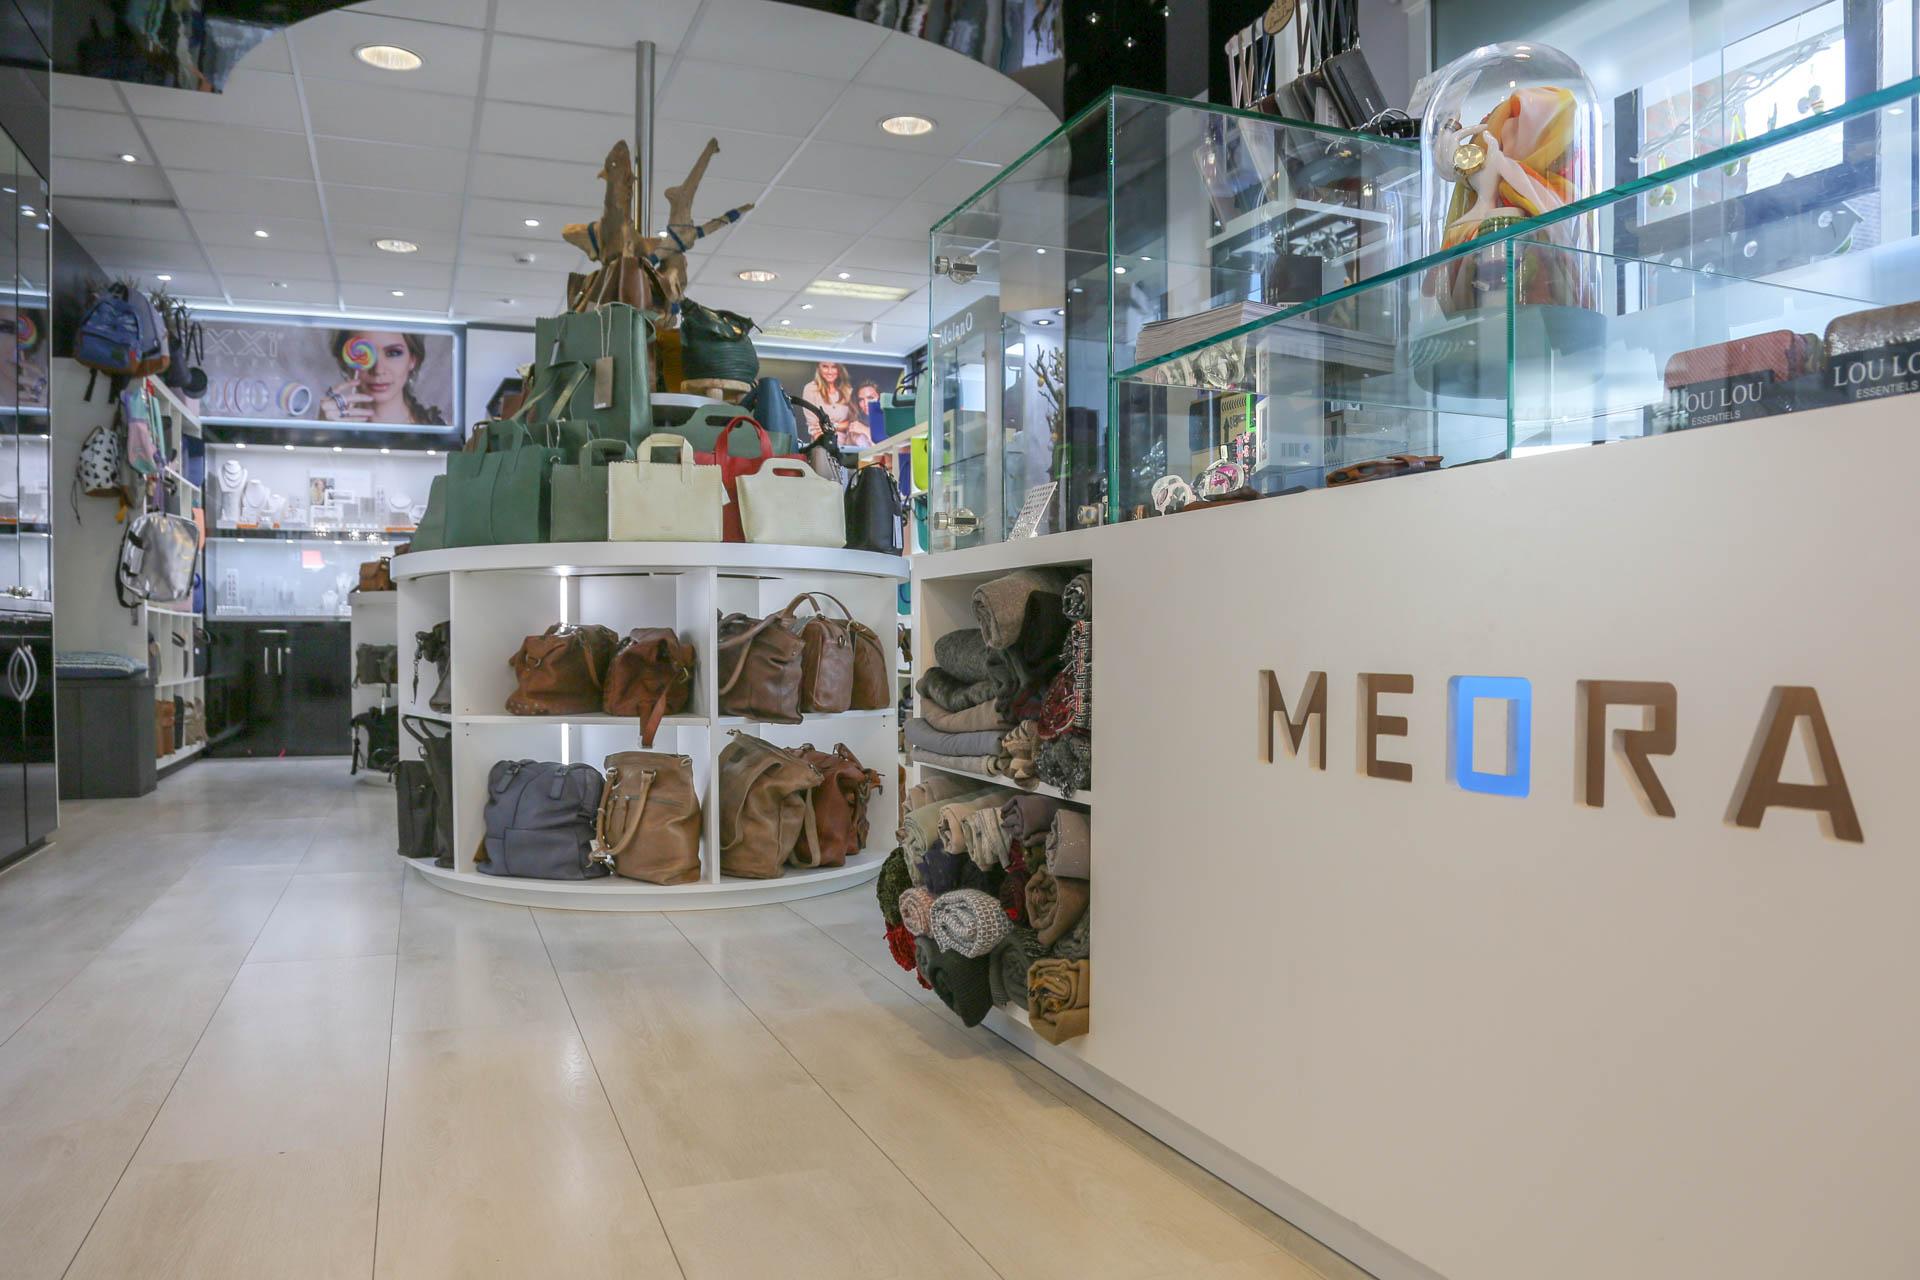 Meora-8